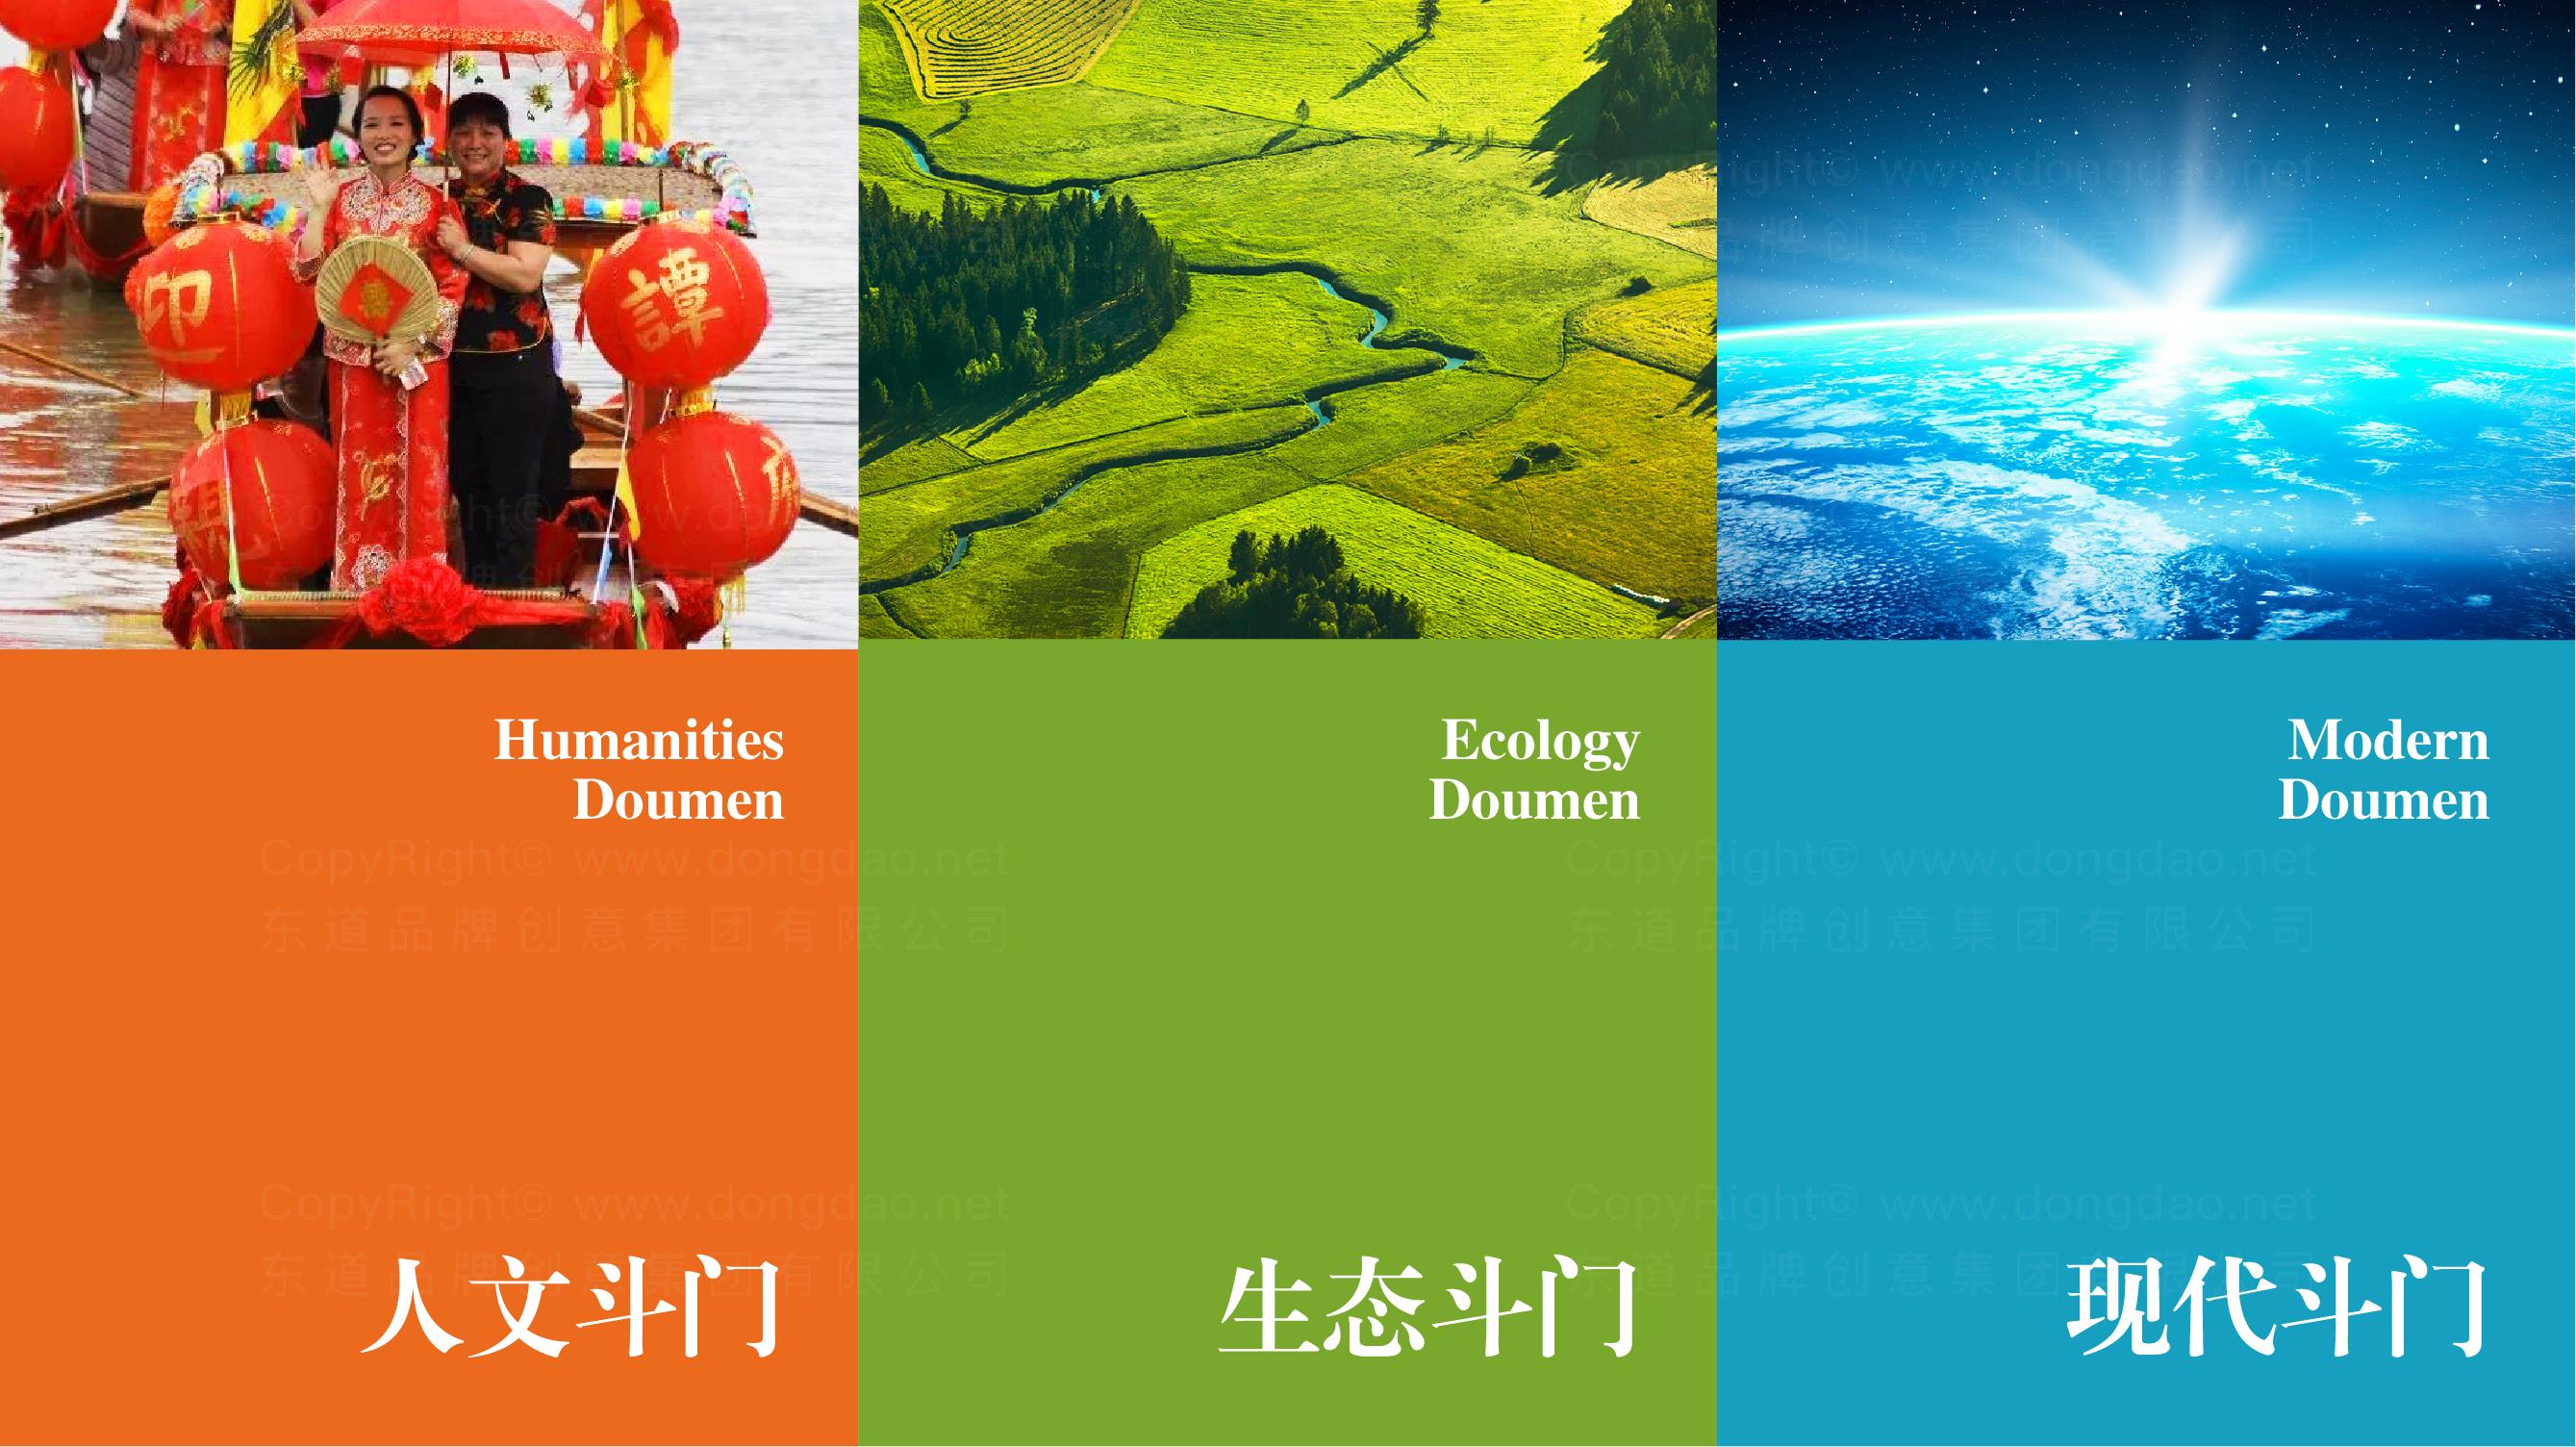 旅游局logo设计计应用